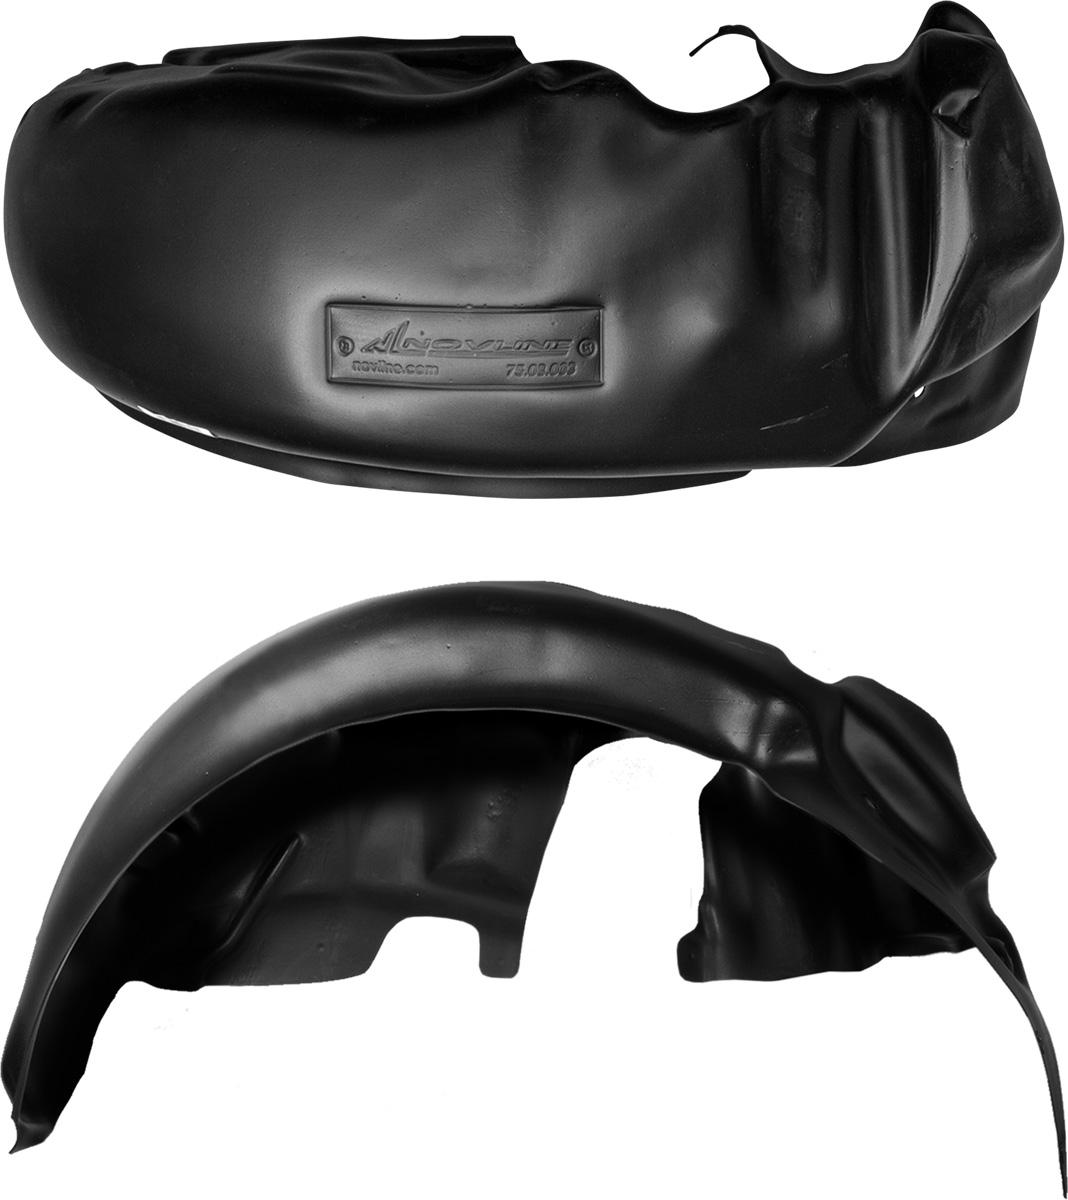 Подкрылок Novline-Autofamily, для Fiat Ducato, 2006-2012, передний правыйNLL.15.10.002Колесные ниши - одни из самых уязвимых зон днища вашего автомобиля. Они постоянно подвергаются воздействию со стороны дороги. Лучшая, почти абсолютная защита для них - специально отформованные пластиковые кожухи, которые называются подкрылками. Производятся они как для отечественных моделей автомобилей, так и для иномарок. Подкрылки Novline-Autofamily выполнены из высококачественного, экологически чистого пластика. Обеспечивают надежную защиту кузова автомобиля от пескоструйного эффекта и негативного влияния, агрессивных антигололедных реагентов. Пластик обладает более низкой теплопроводностью, чем металл, поэтому в зимний период эксплуатации использование пластиковых подкрылков позволяет лучше защитить колесные ниши от налипания снега и образования наледи. Оригинальность конструкции подчеркивает элегантность автомобиля, бережно защищает нанесенное на днище кузова антикоррозийное покрытие и позволяет осуществить крепление подкрылков внутри колесной арки практически без...